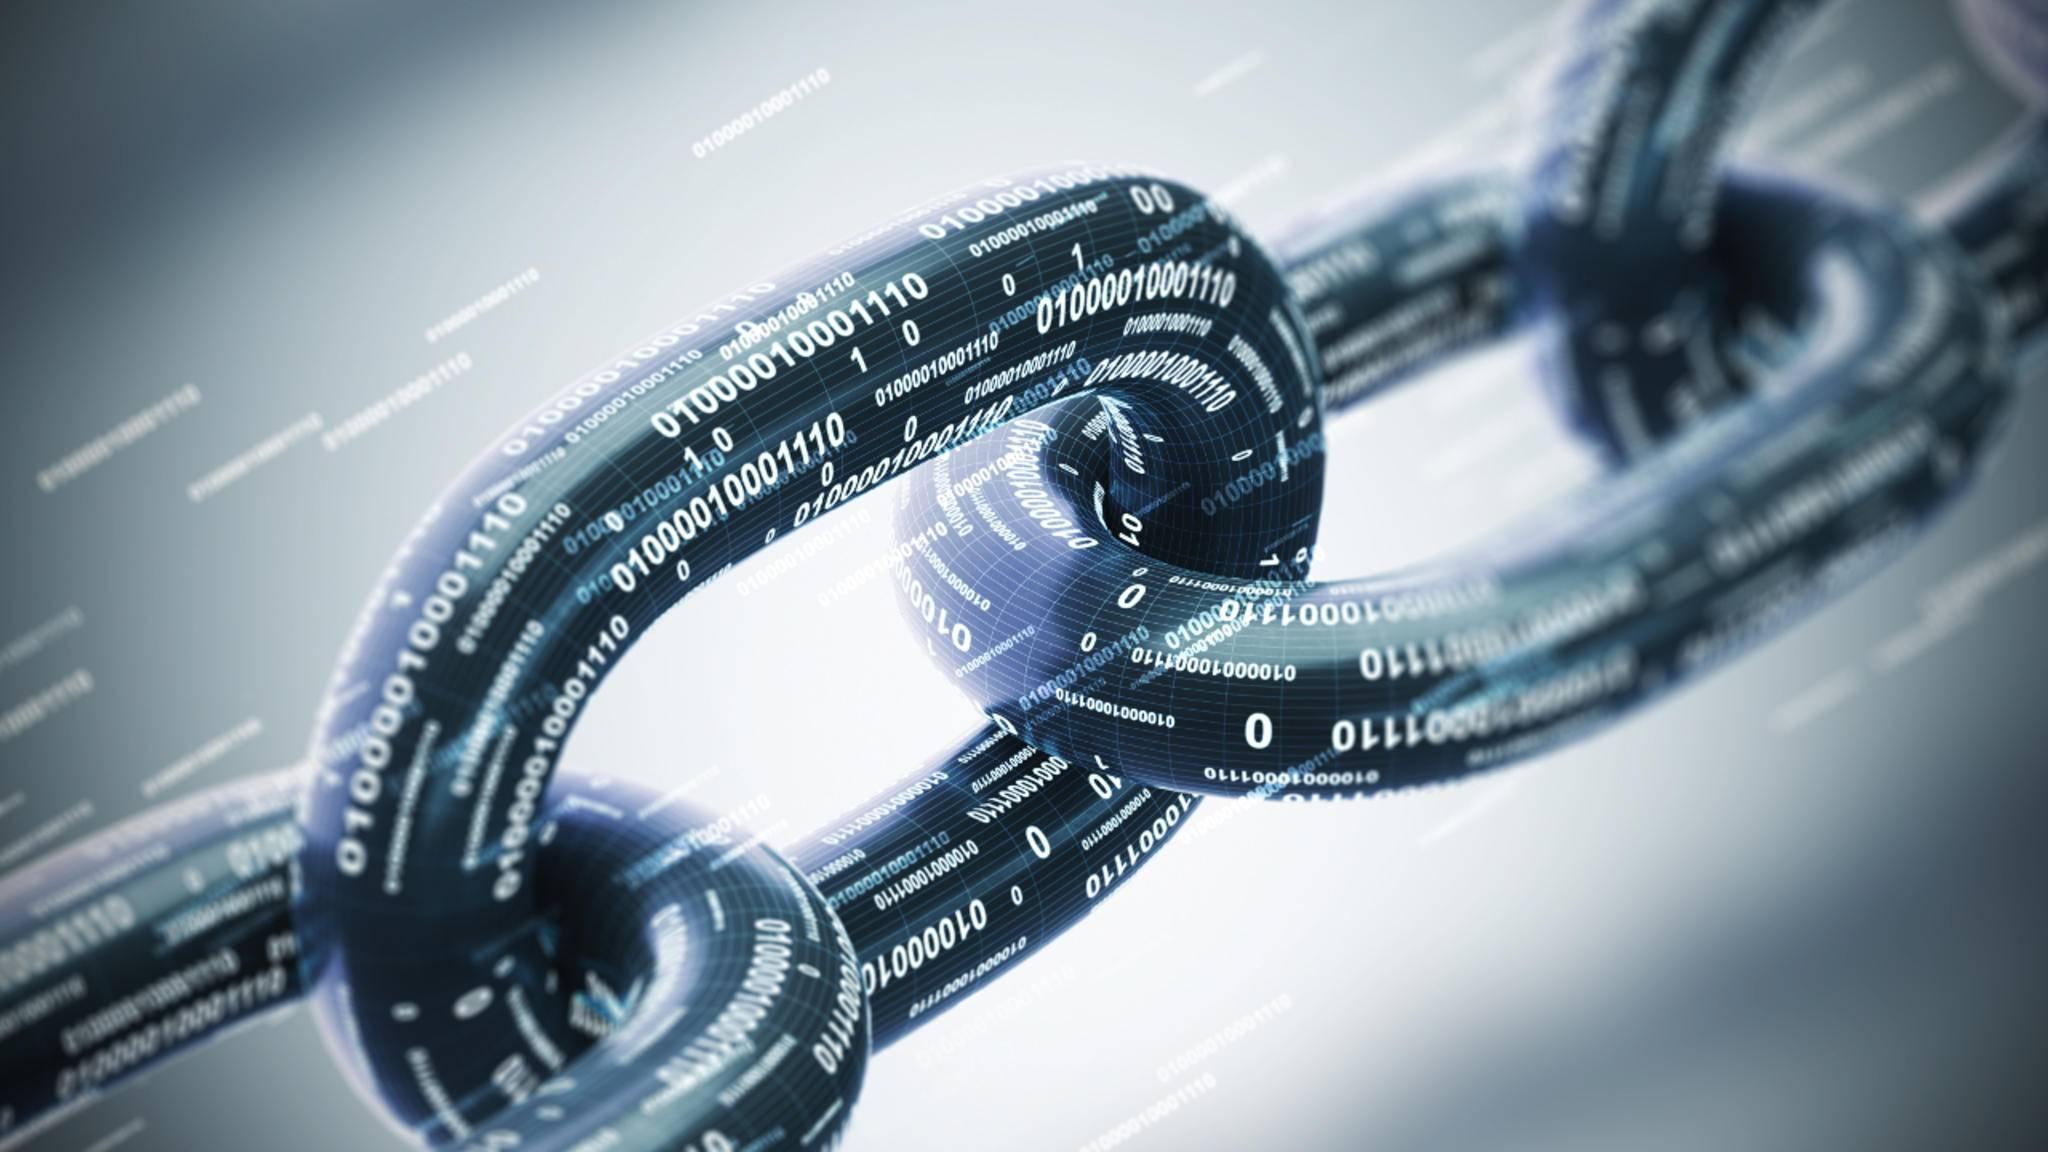 Die Blockchain-Technologie kann auch in Browsern wie Opera zum Einsatz kommen.